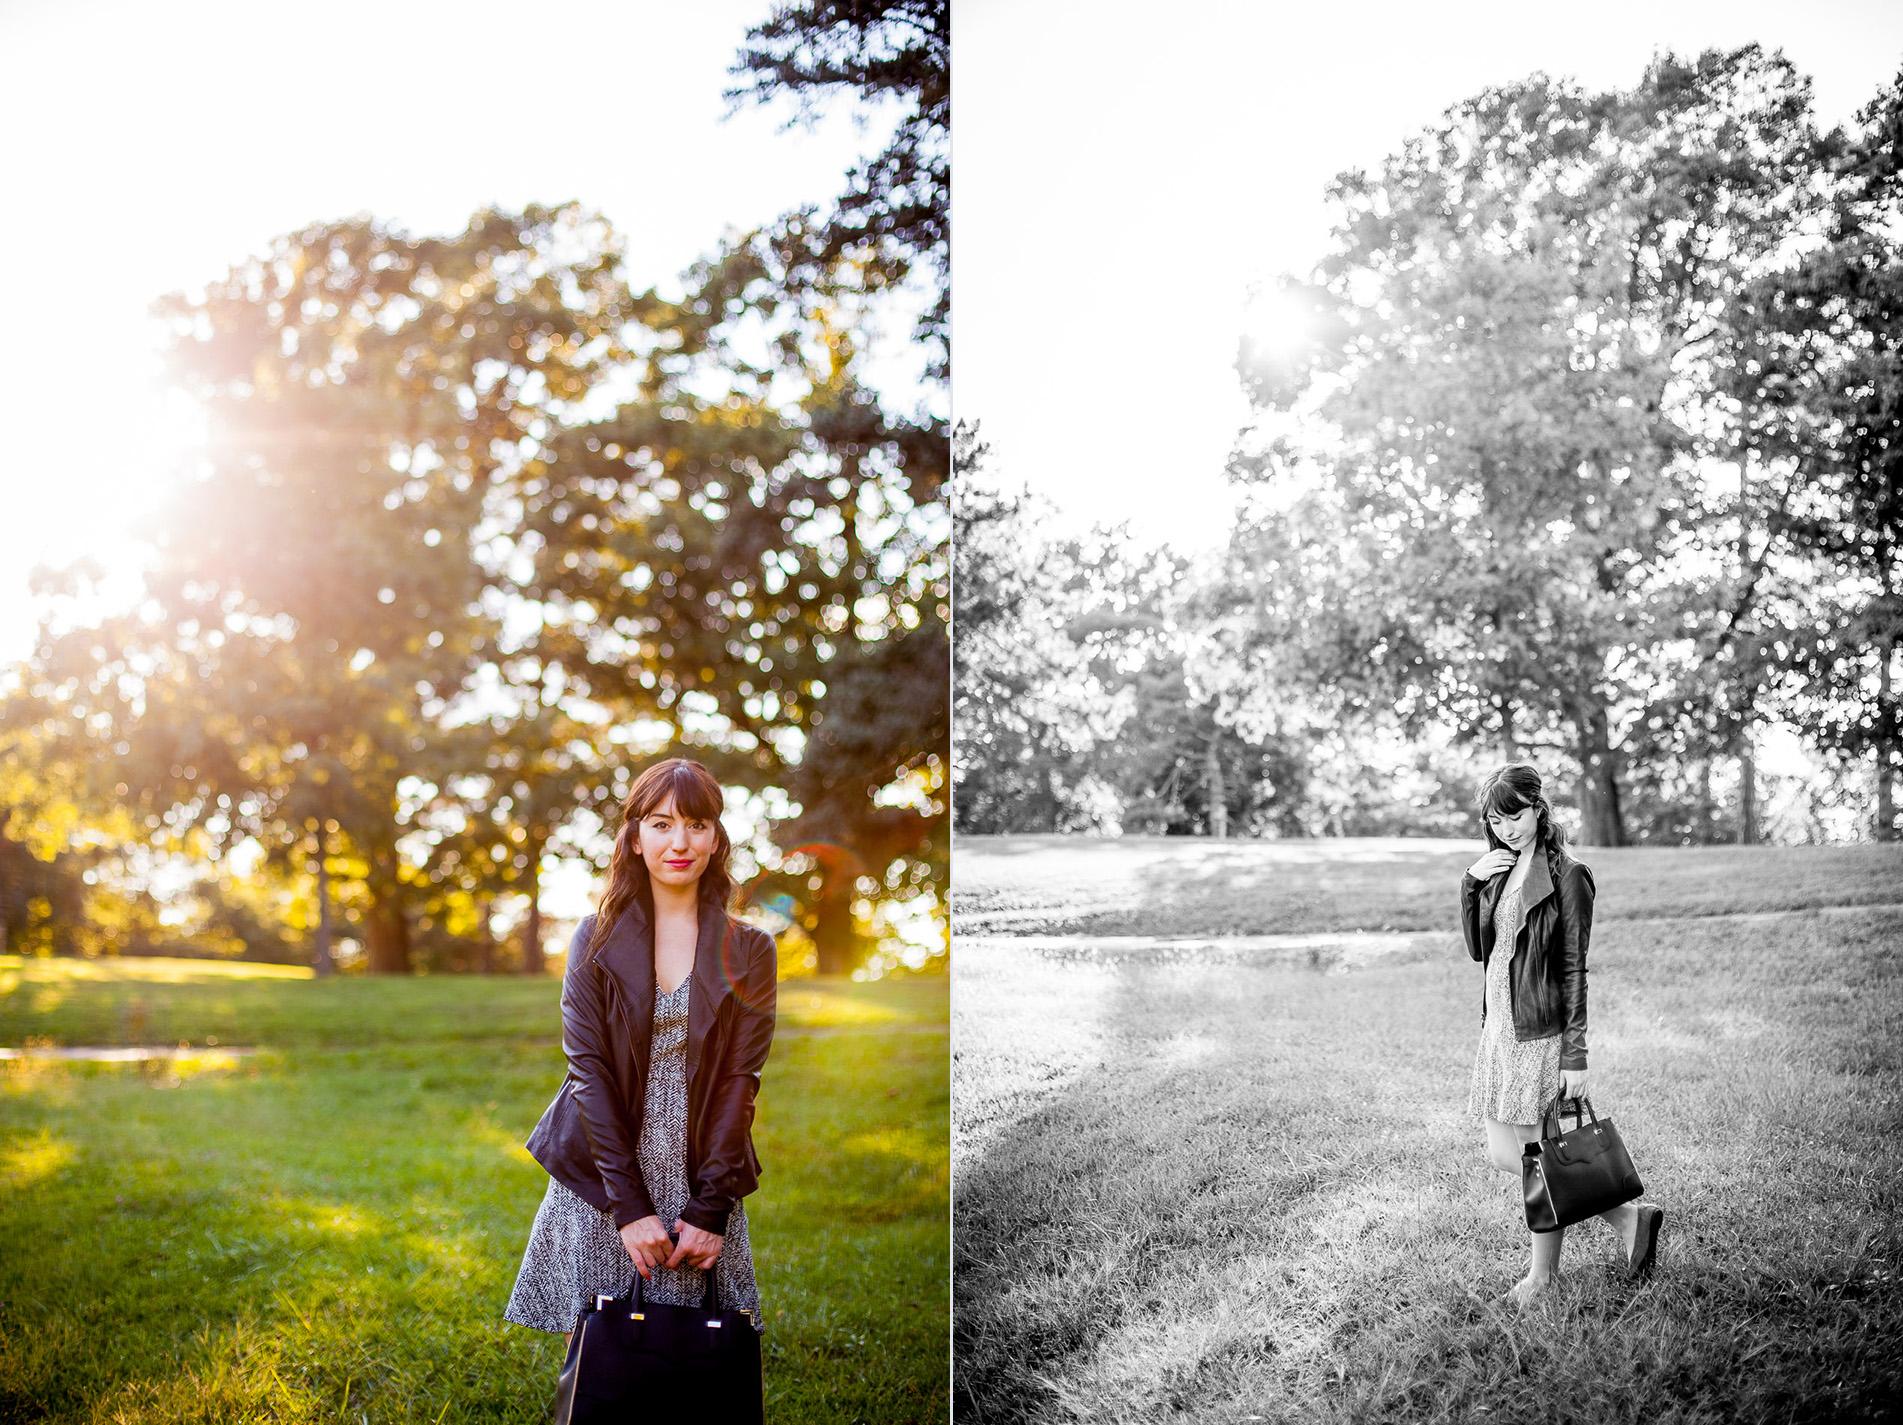 Cincin-Natalie featuring Saks Fifth Avenue   09 . 08 . 14